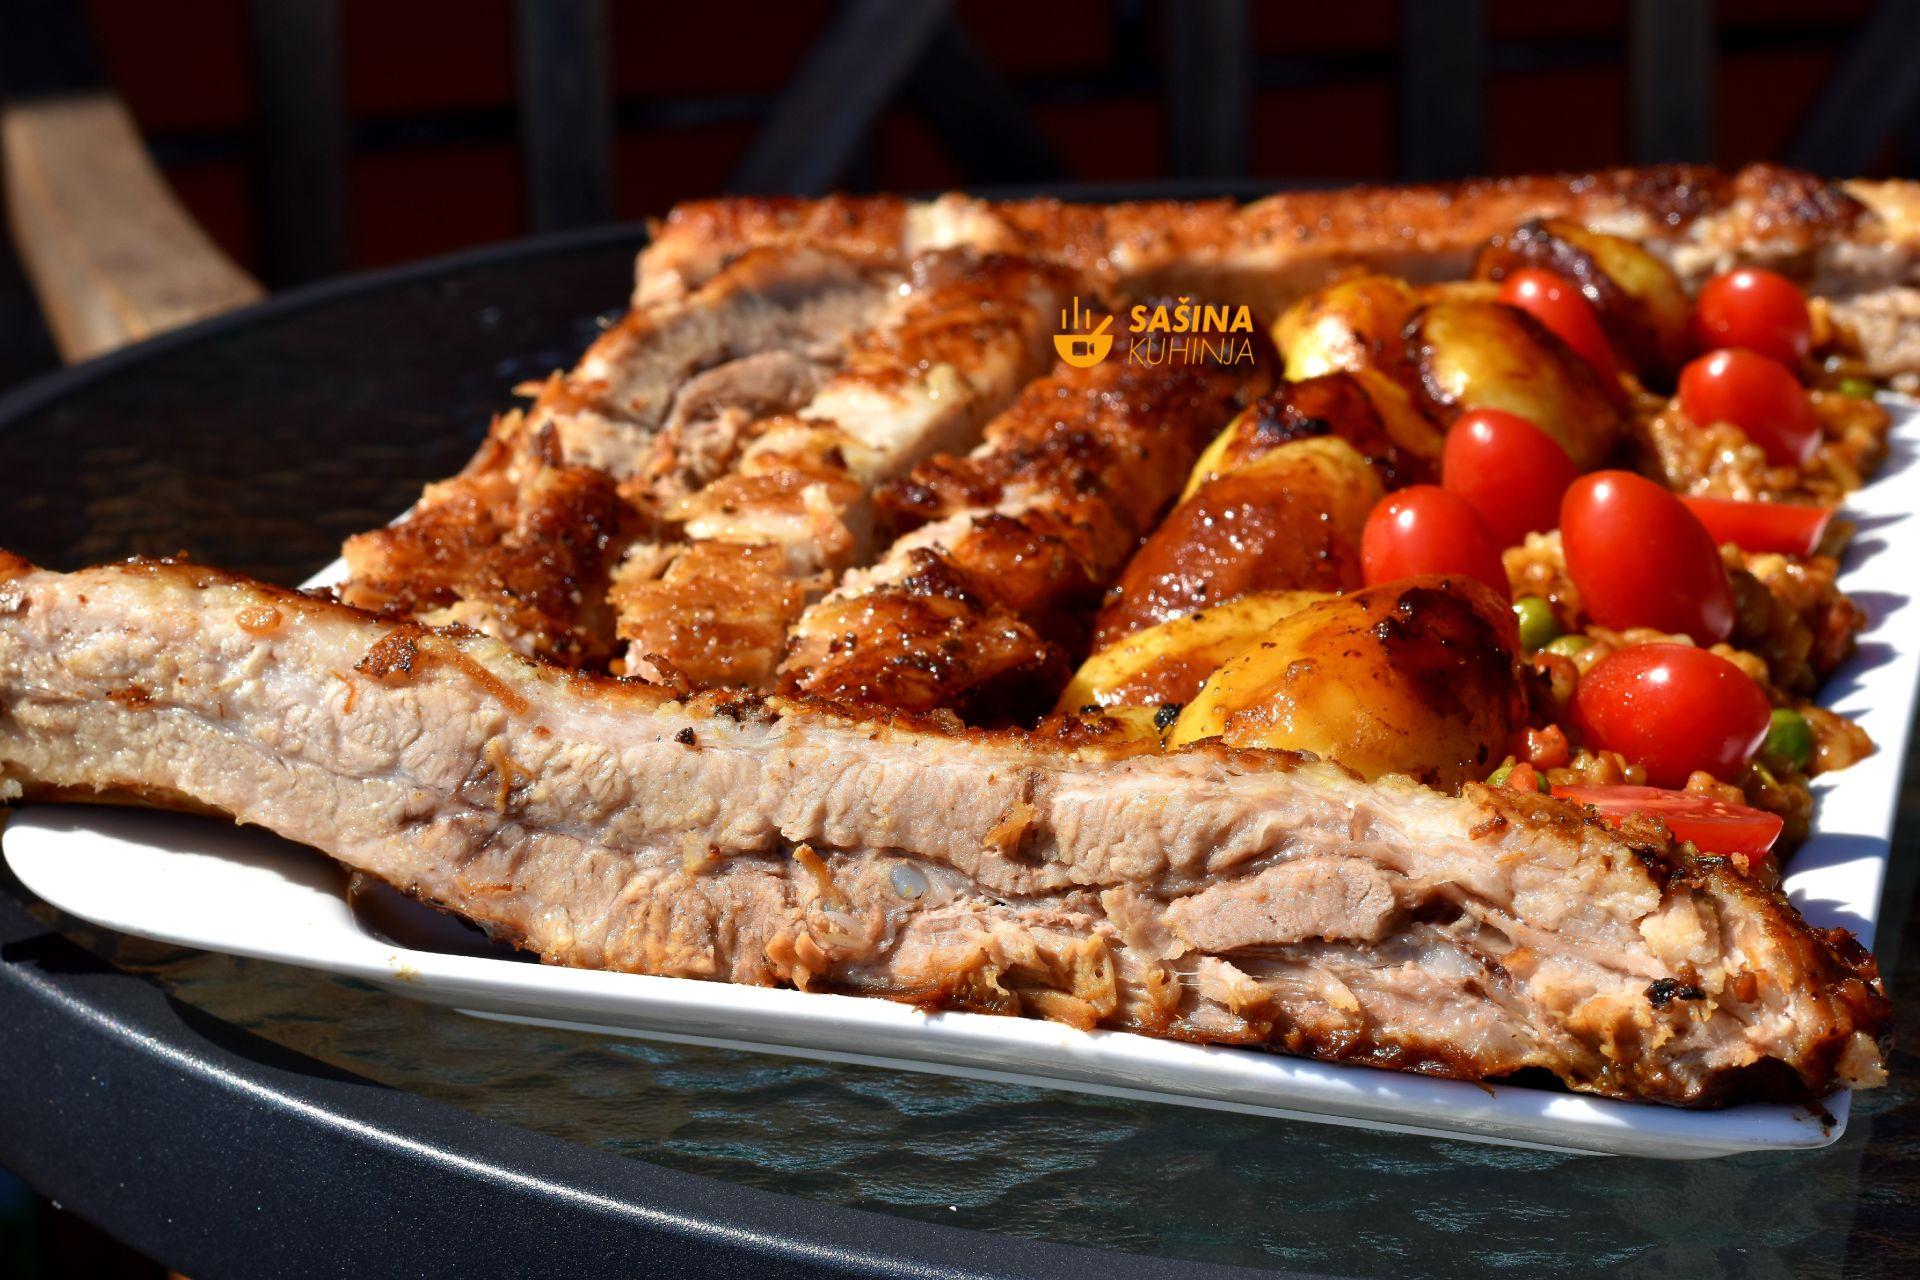 rebra od svinjetine iz pećnice recept za svinjska rebrica ili rebarca sašina kuhinja